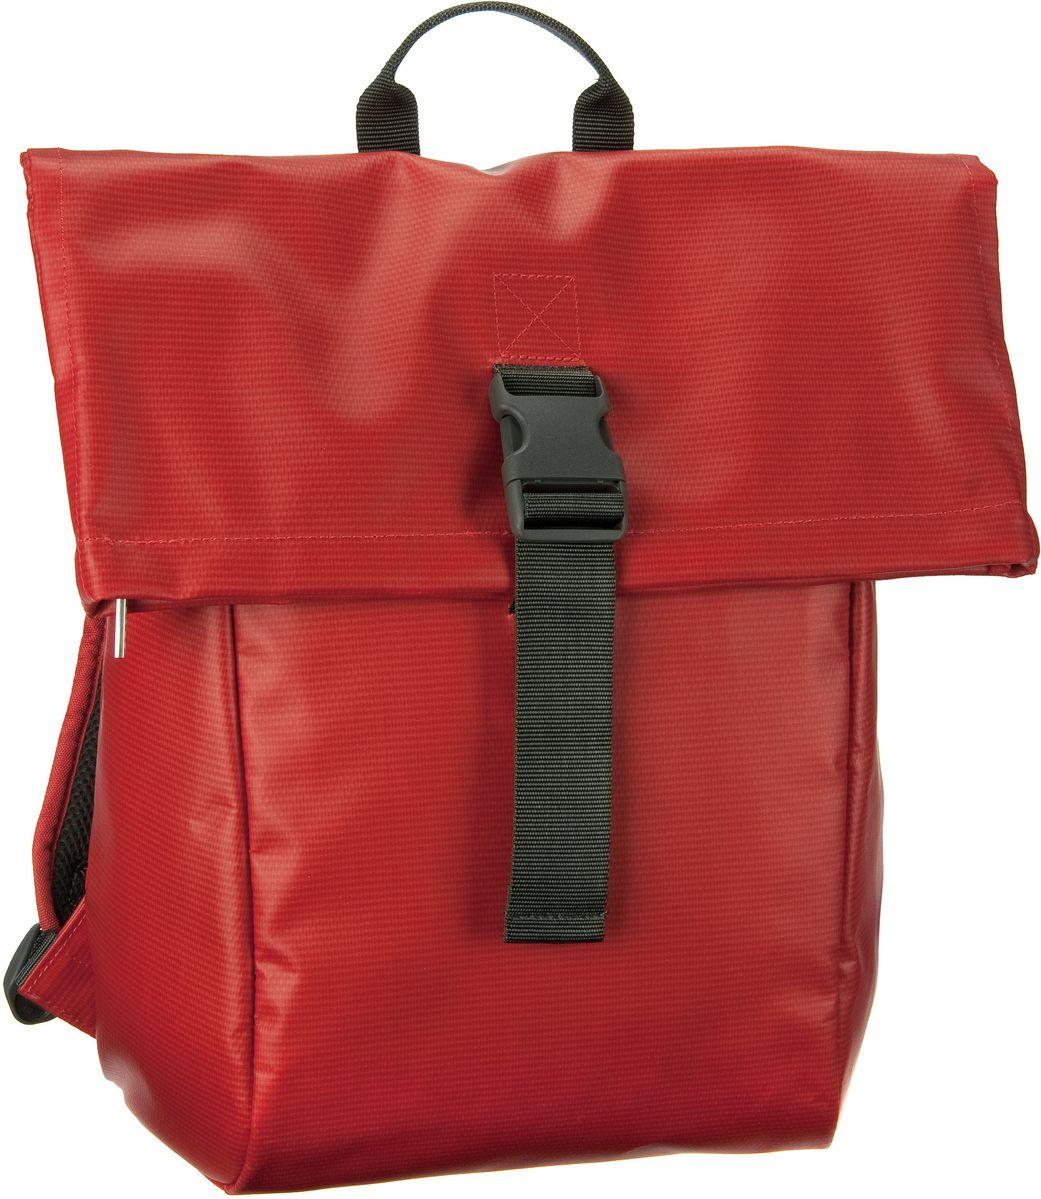 Rucksack / Daypack Punch 92 Red (innen: Grau) (13 Liter)